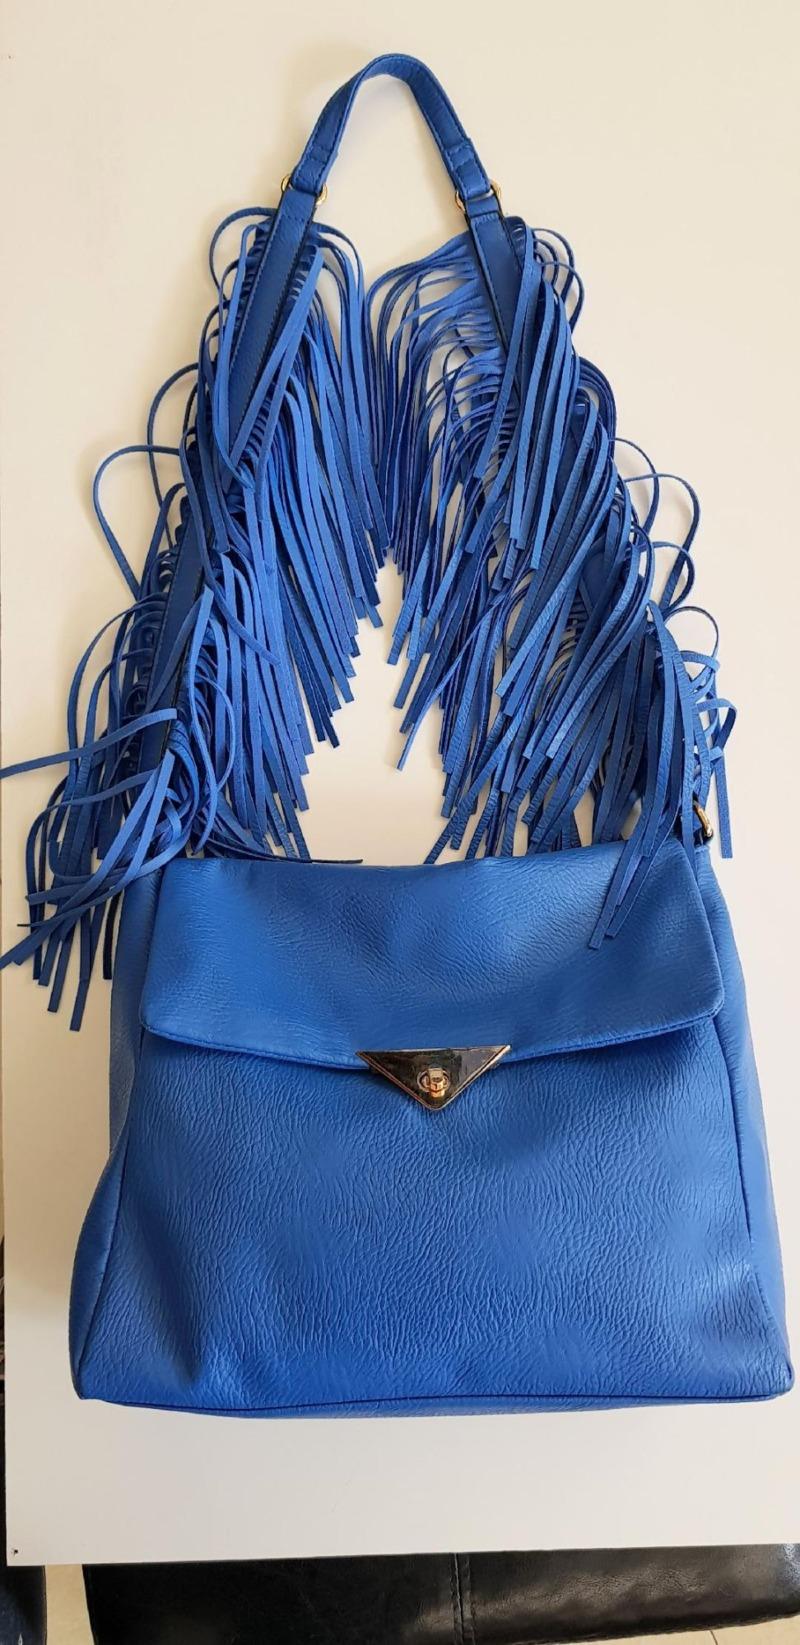 borsa-donna-con-frange-blu